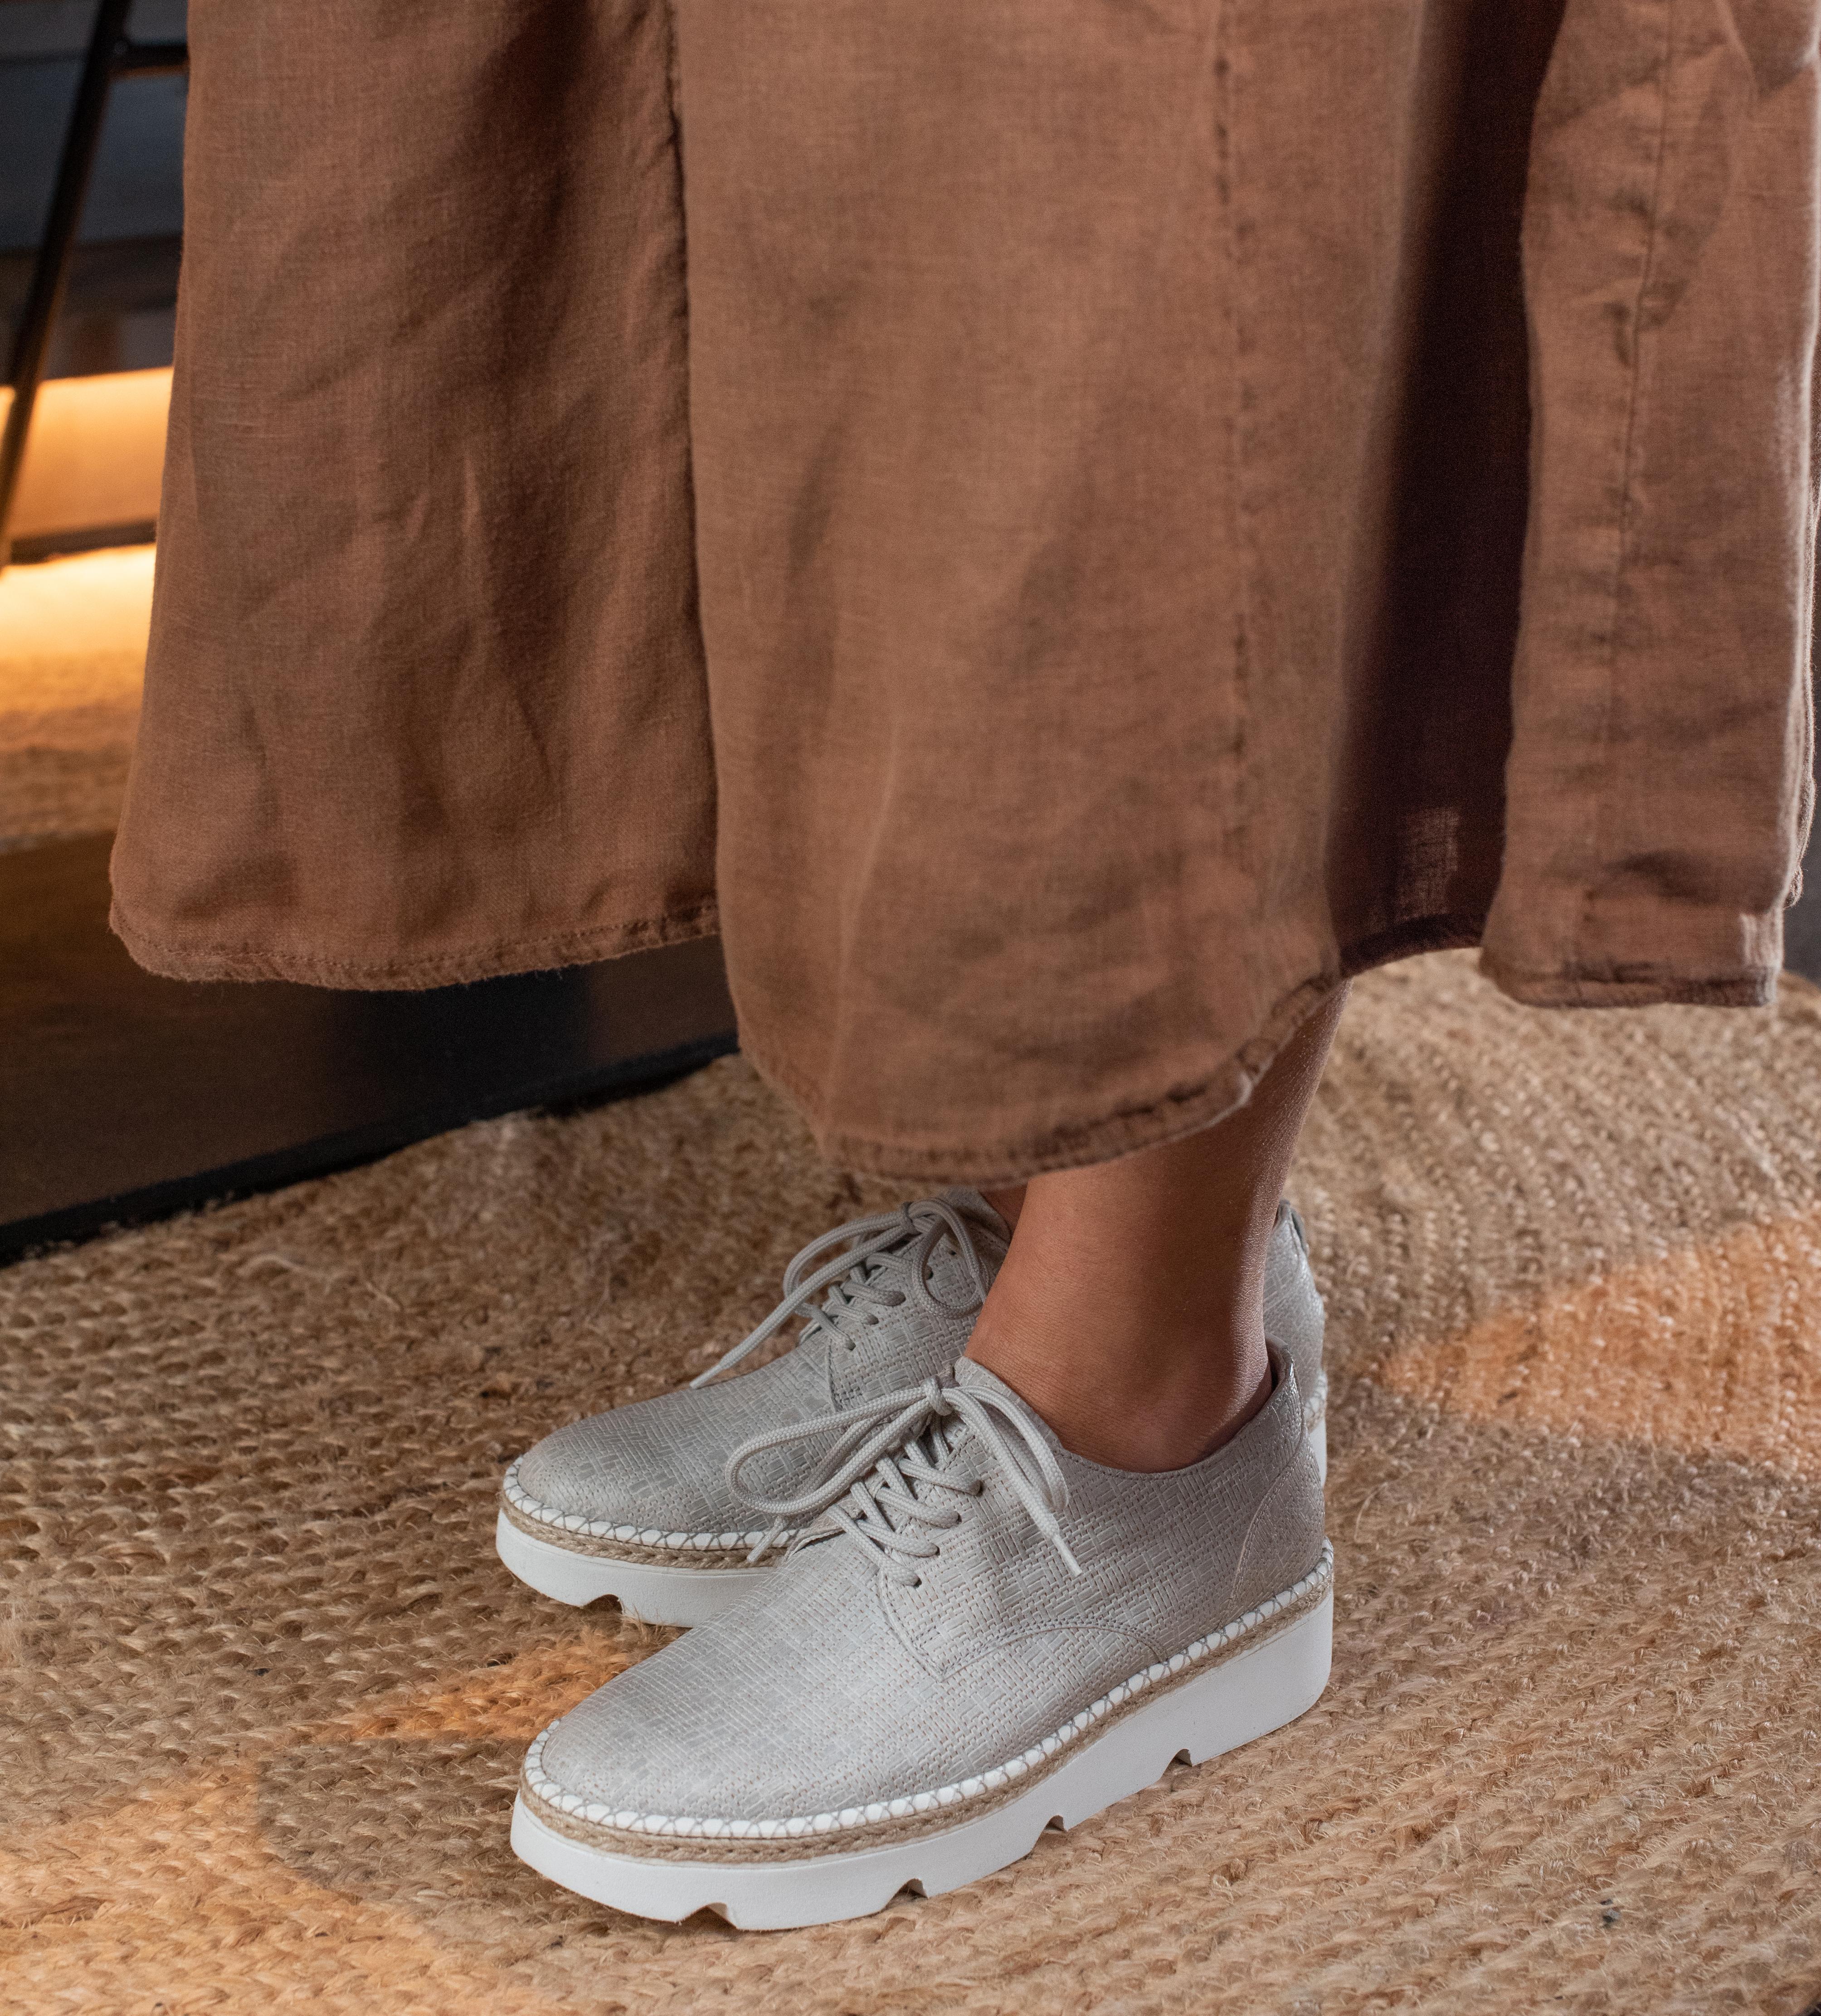 hippe-schoenen-met-breedtematen-6